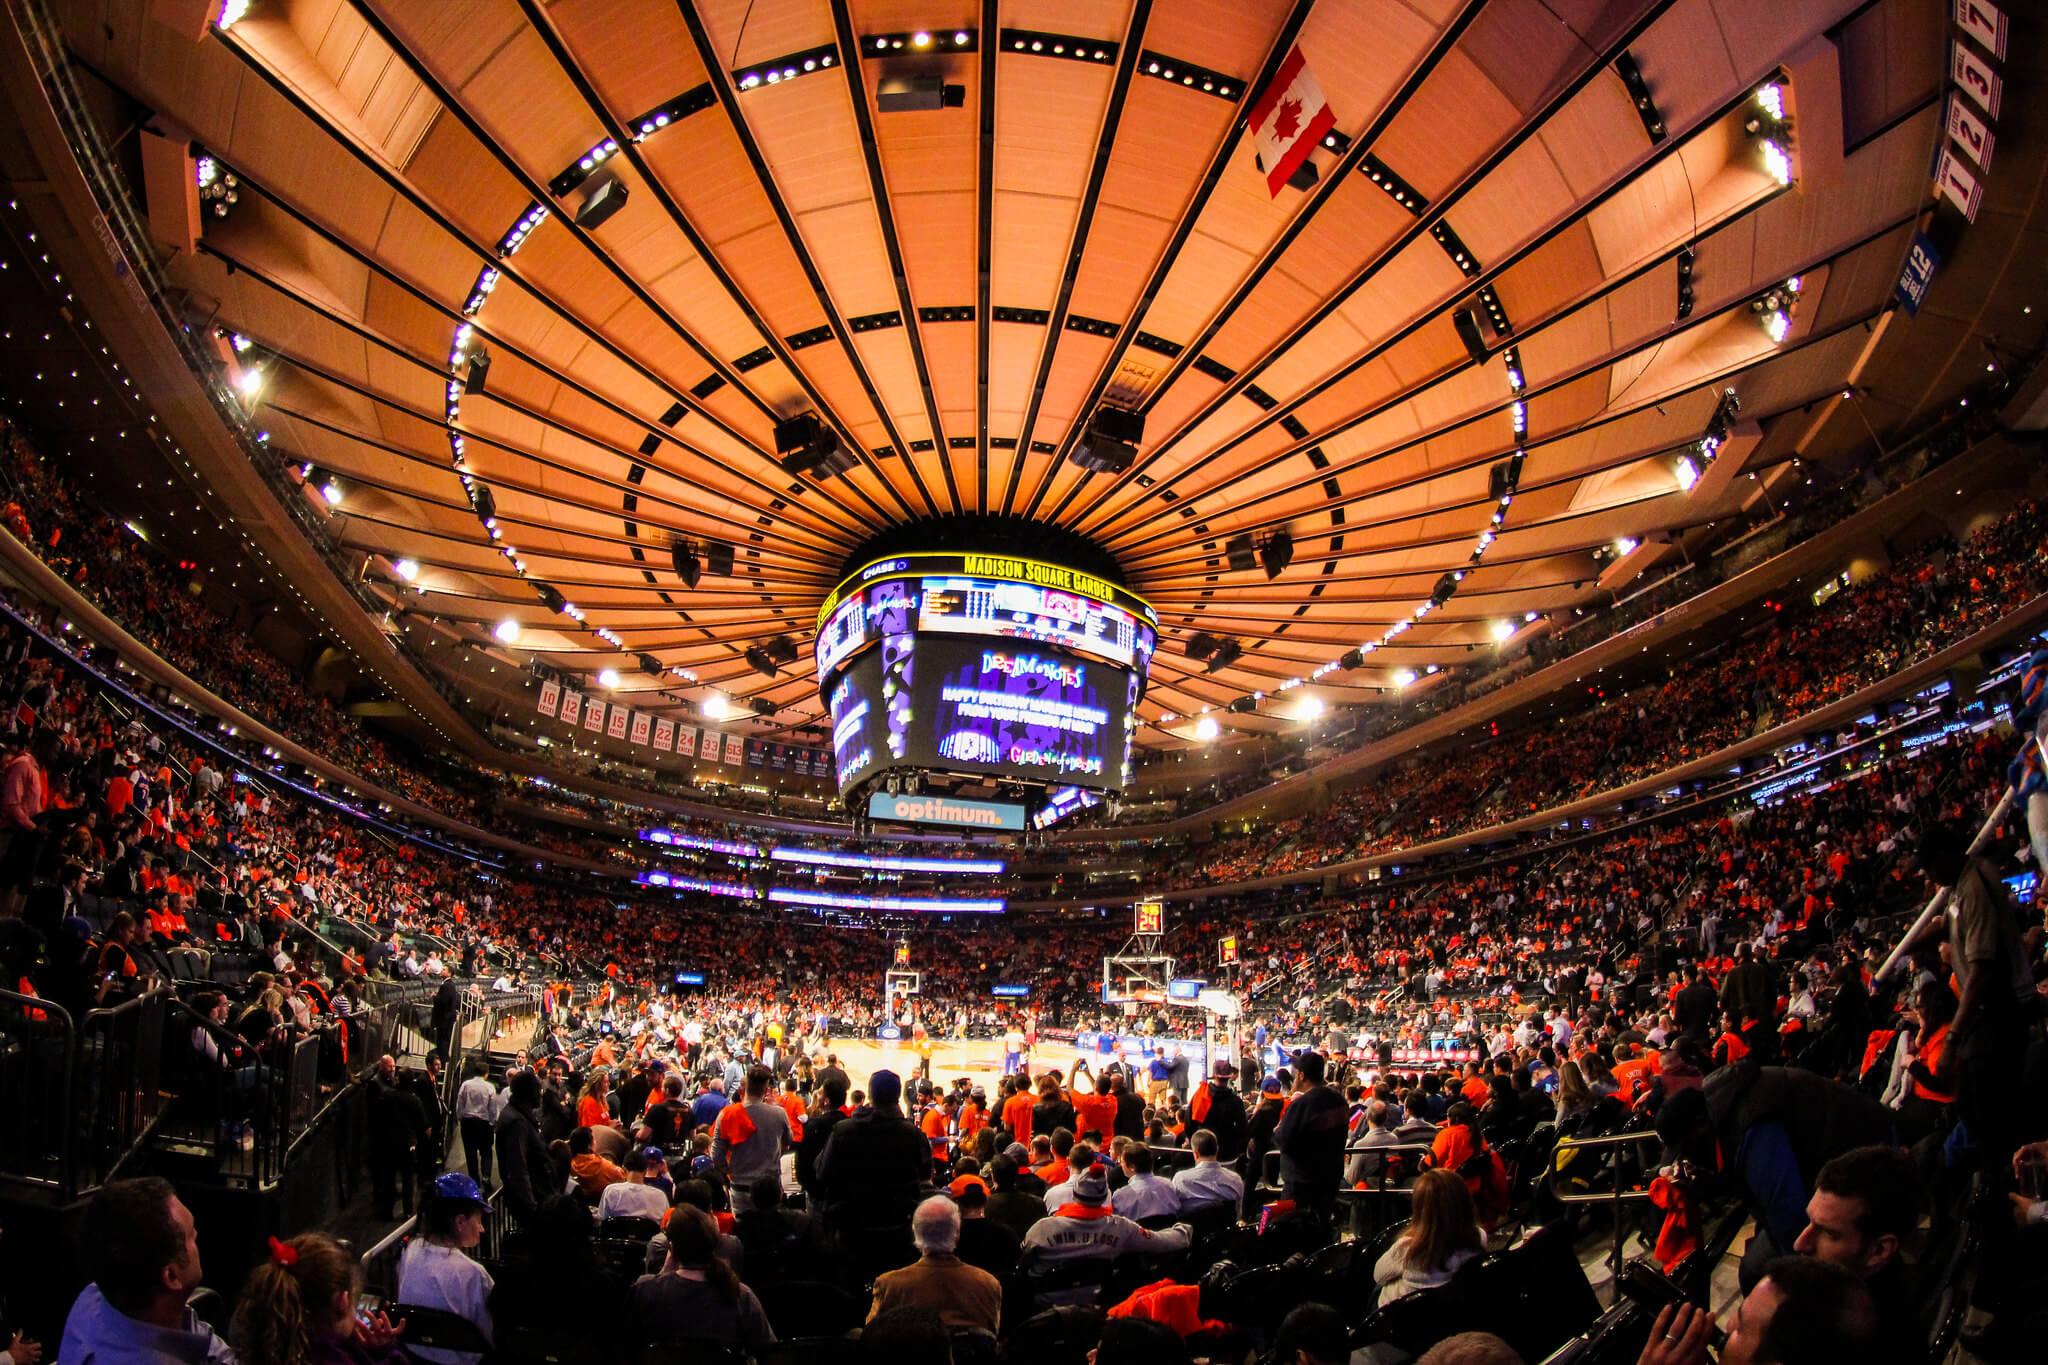 Madison Square Garden stadium